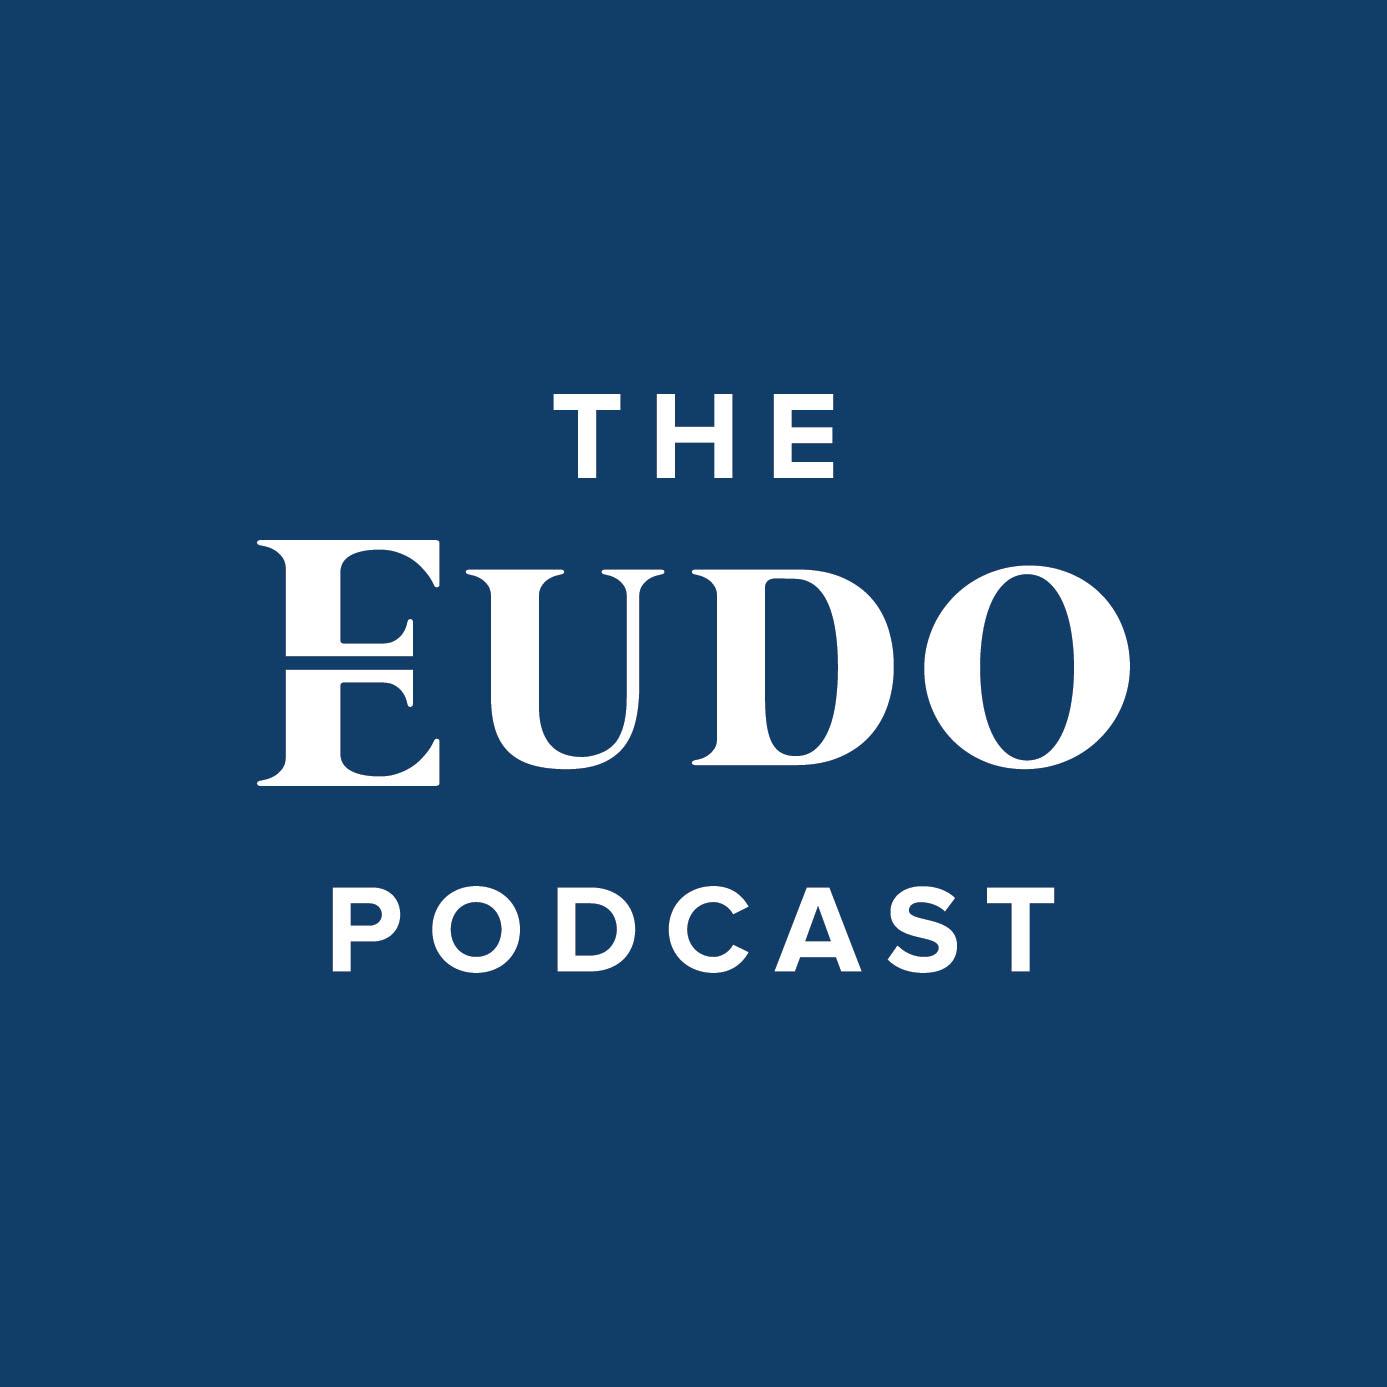 The Eudo Podcast show art